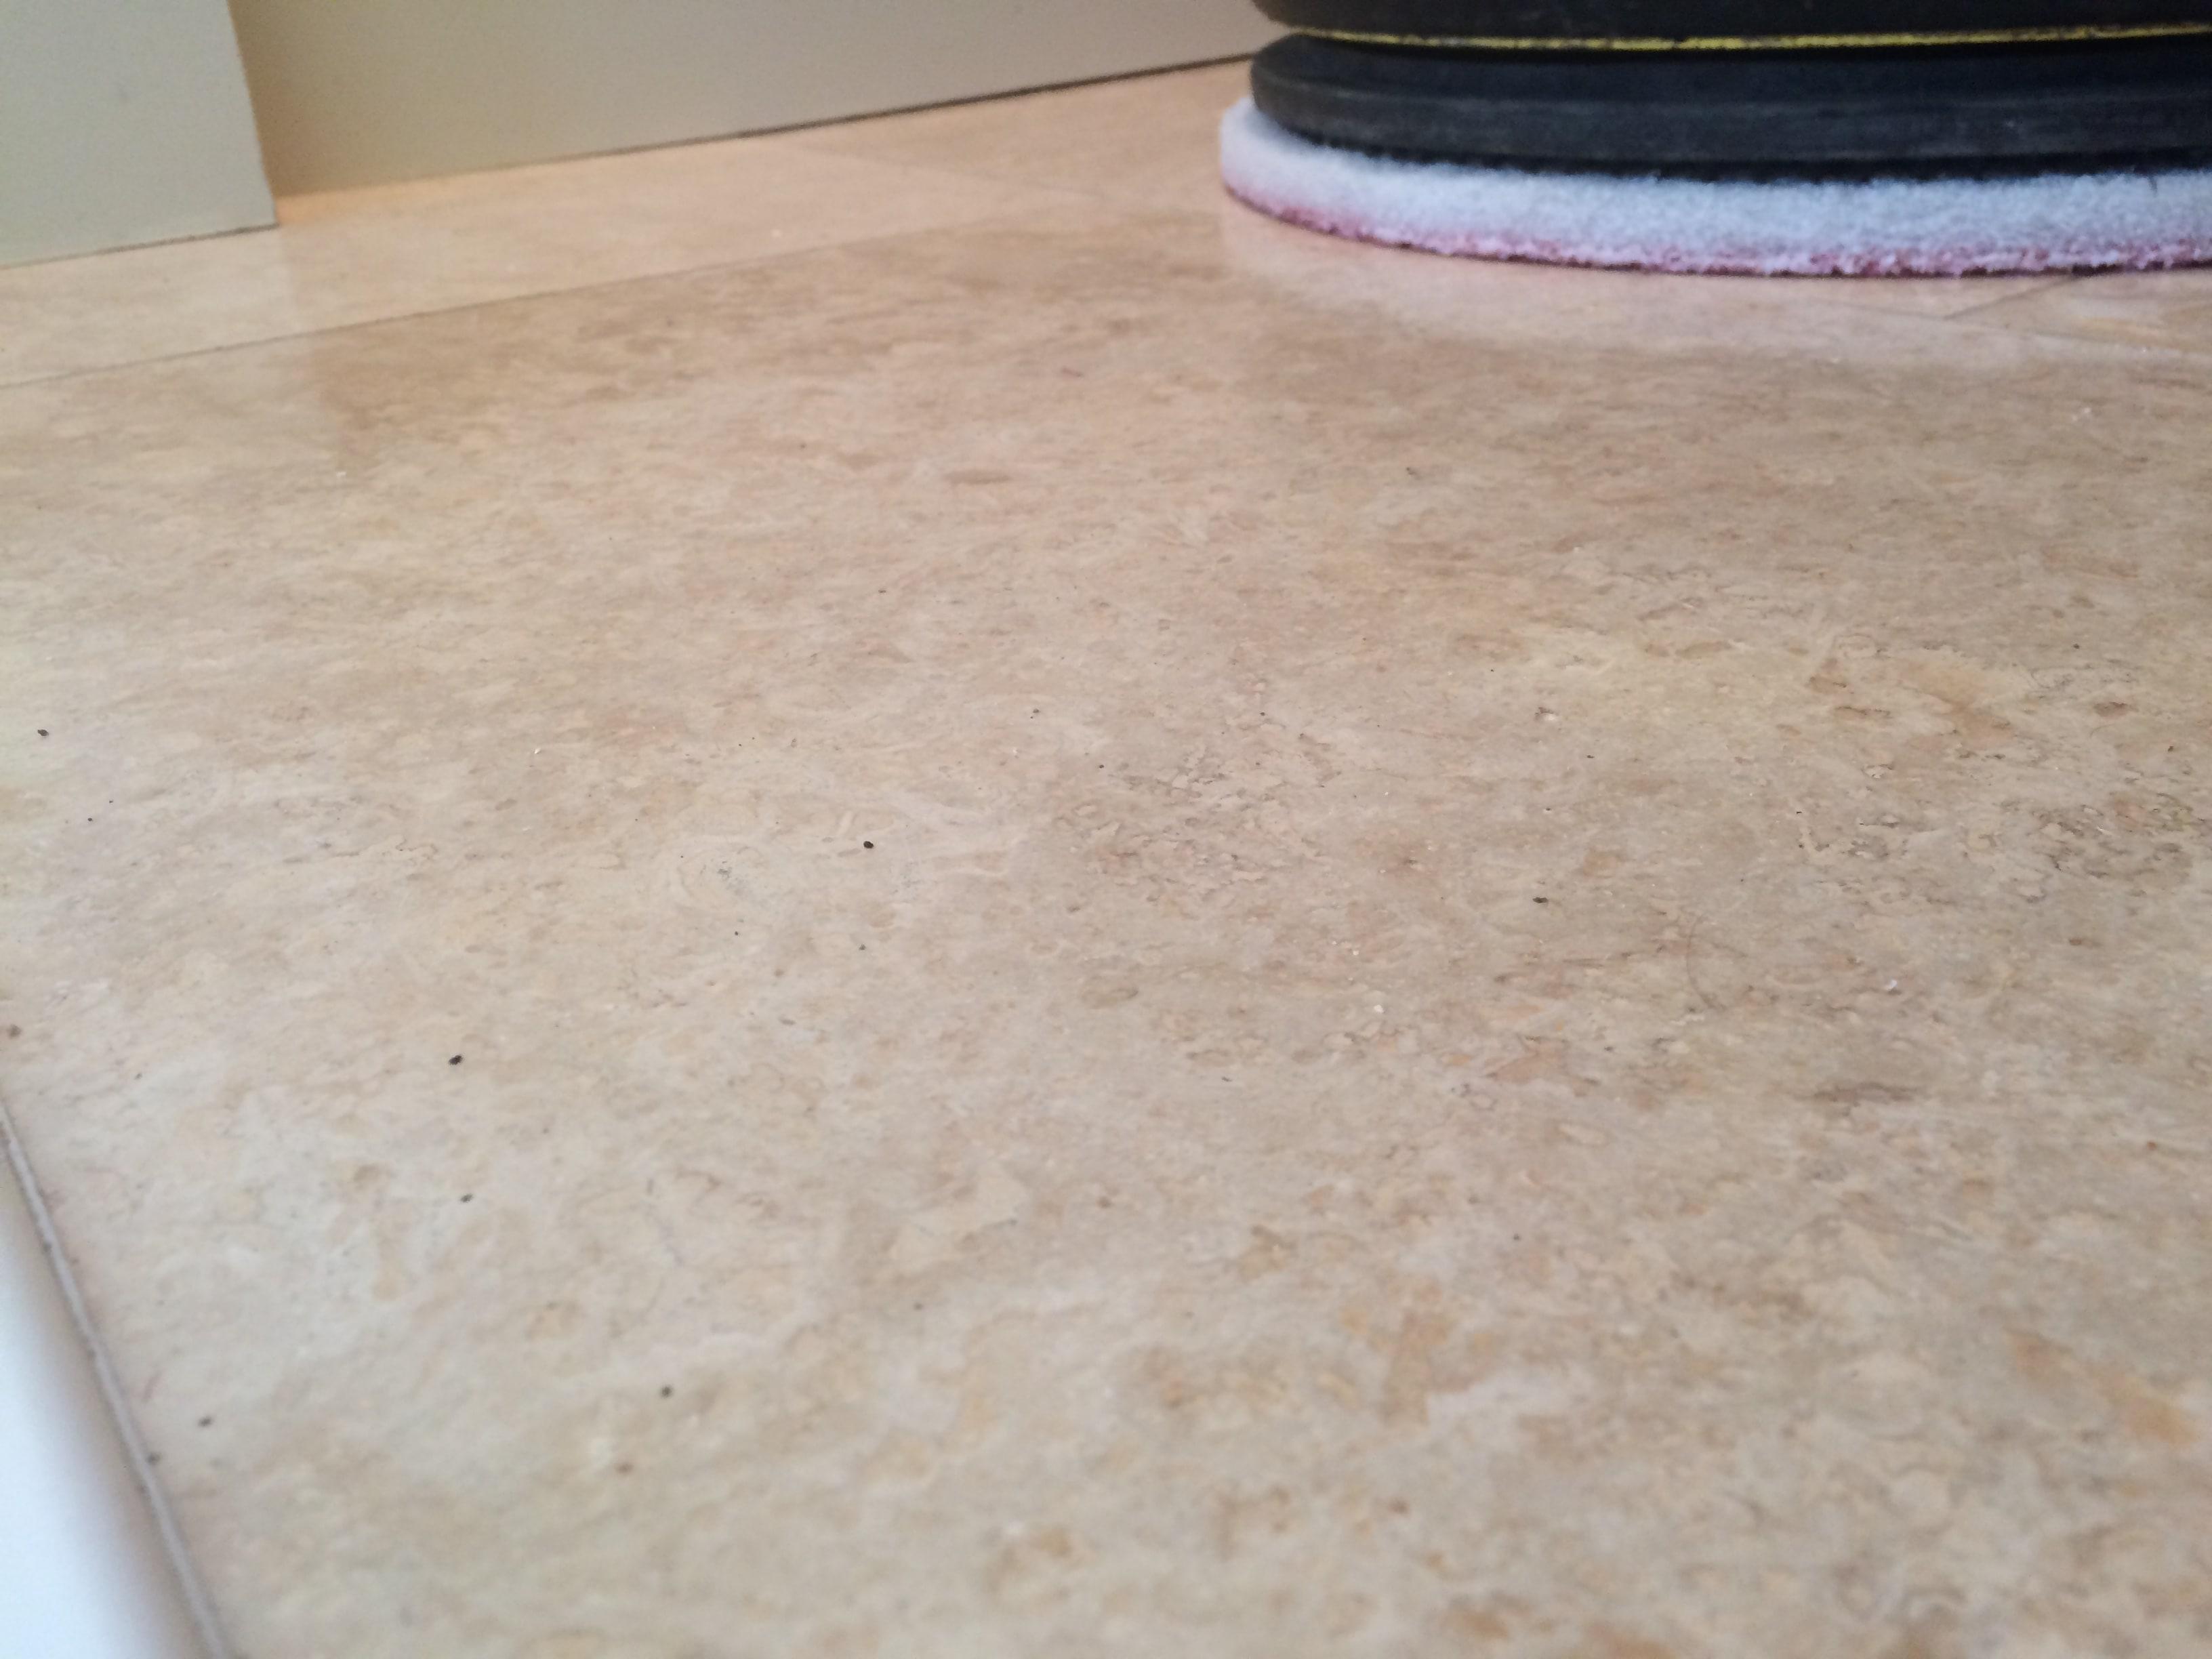 Travertine Tiled Floor Before Polishing Blackburn